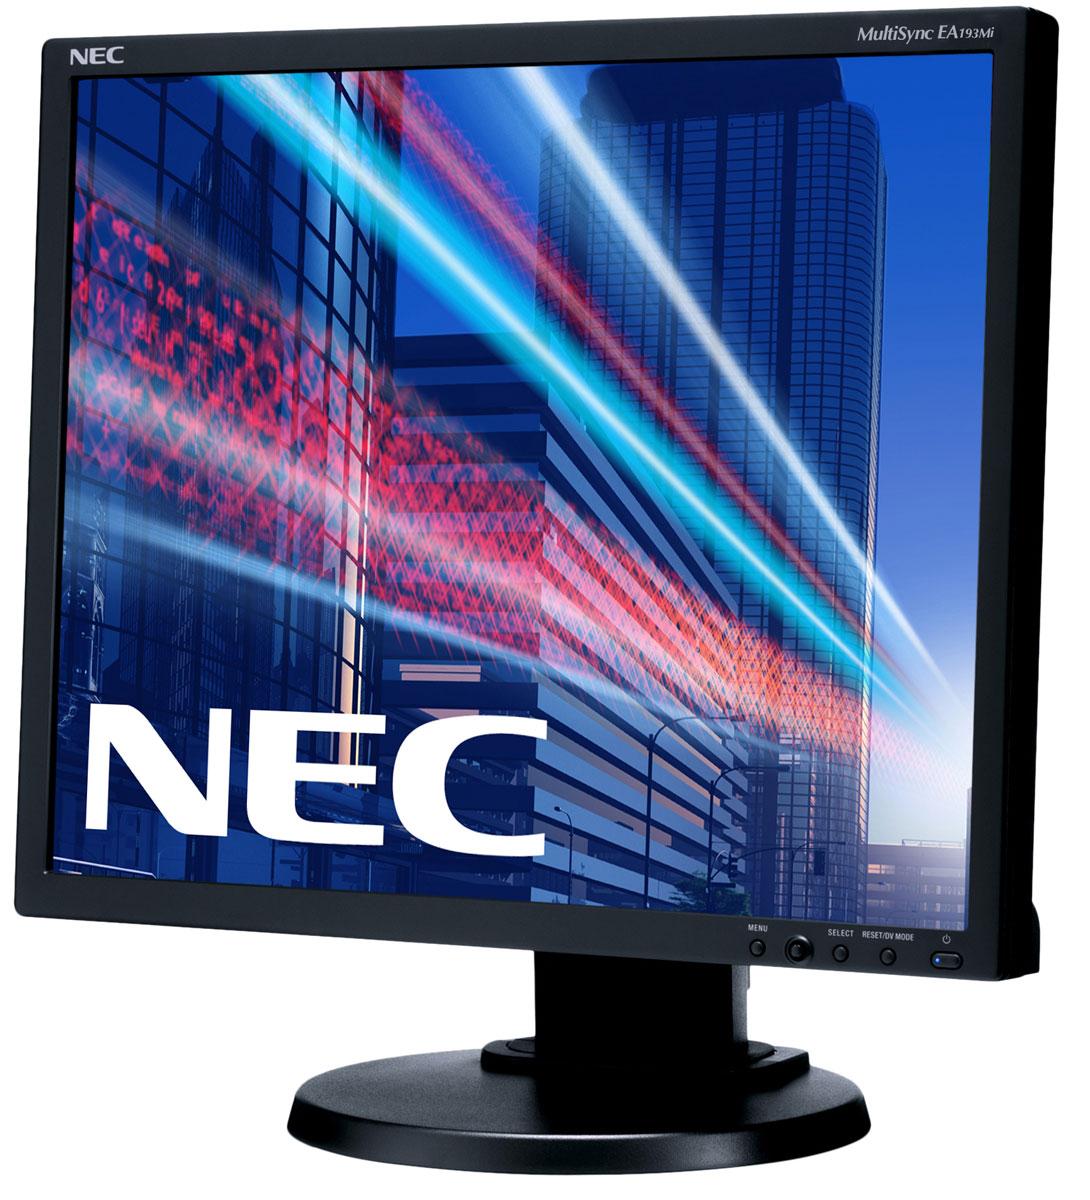 NEC EA193Mi-BK, Black монитор60003586NEC EA193Mi - это профессиональный 19-дюймовый монитор традиционного формата 5:4 с лучшей IPS-панелью и современной энергосберегающей технологией светодиодной подсветки. Он обладает современными возможностями подключения с помощью DisplayPort и отличными эргономическими характеристиками. Благодаря низкому расходу электроэнергии и низким эксплуатационным расходам данный дисплей является идеальной моделью для профессиональной эксплуатации в офисах. Благодаря превосходным эргономическим свойствам и таким важным характеристикам, как датчик внешней освещенности, данный монитор является удобным в обращении и помогает повысить производительность.Датчик рассеянного света – благодаря функции автоматической яркости Auto Brightness всегда можно оптимизировать уровень яркости в зависимости от освещения и условий изображения.Эргономические характеристики – регулировка по высоте (110 мм), функция наклона и плоский режим обеспечивают идеальную возможность индивидуальной эргономичной настройки.Зеленая концепция продукта – режим работы Eco и измеритель углеродного следа / Carbon Savings Meter, датчик рассеянного света.Вход – Работа дисплея обеспечивается благодаря двум цифровым входам (DVI-D, DisplayPort) и одному аналоговому входу.Экологически рациональные характеристики – низкое энергопотребление благодаря светодиодной фоновой подсветке и датчику рассеянного света.Крепление Vesa (100 мм) – позволяет установить монитор в различных положениях, для более удобной установки ножку-подставку можно отсоединить с помощью специального механизма.